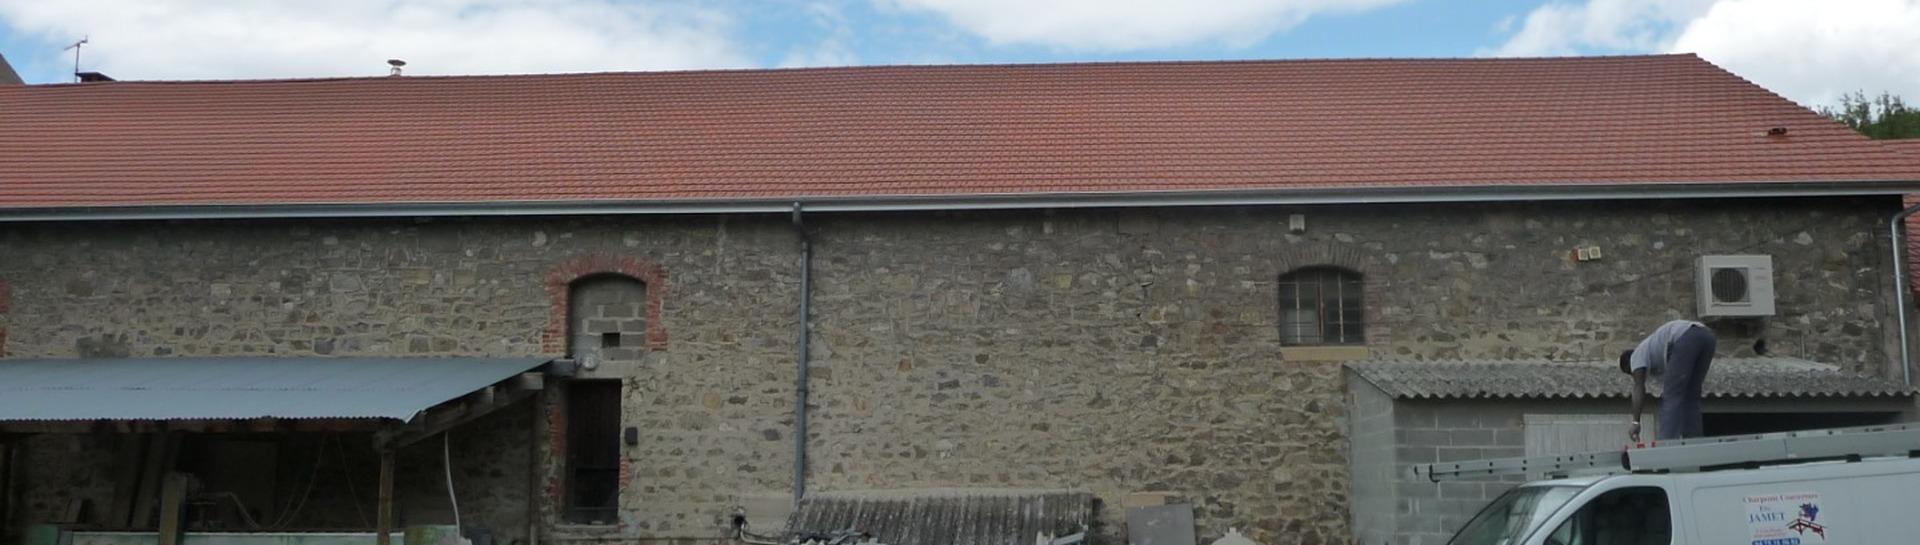 zinguerie et extension maison bois Saint-Vallier Saint-Rambert-d'Albon Annonay Albon Tournon-sur-Rhône